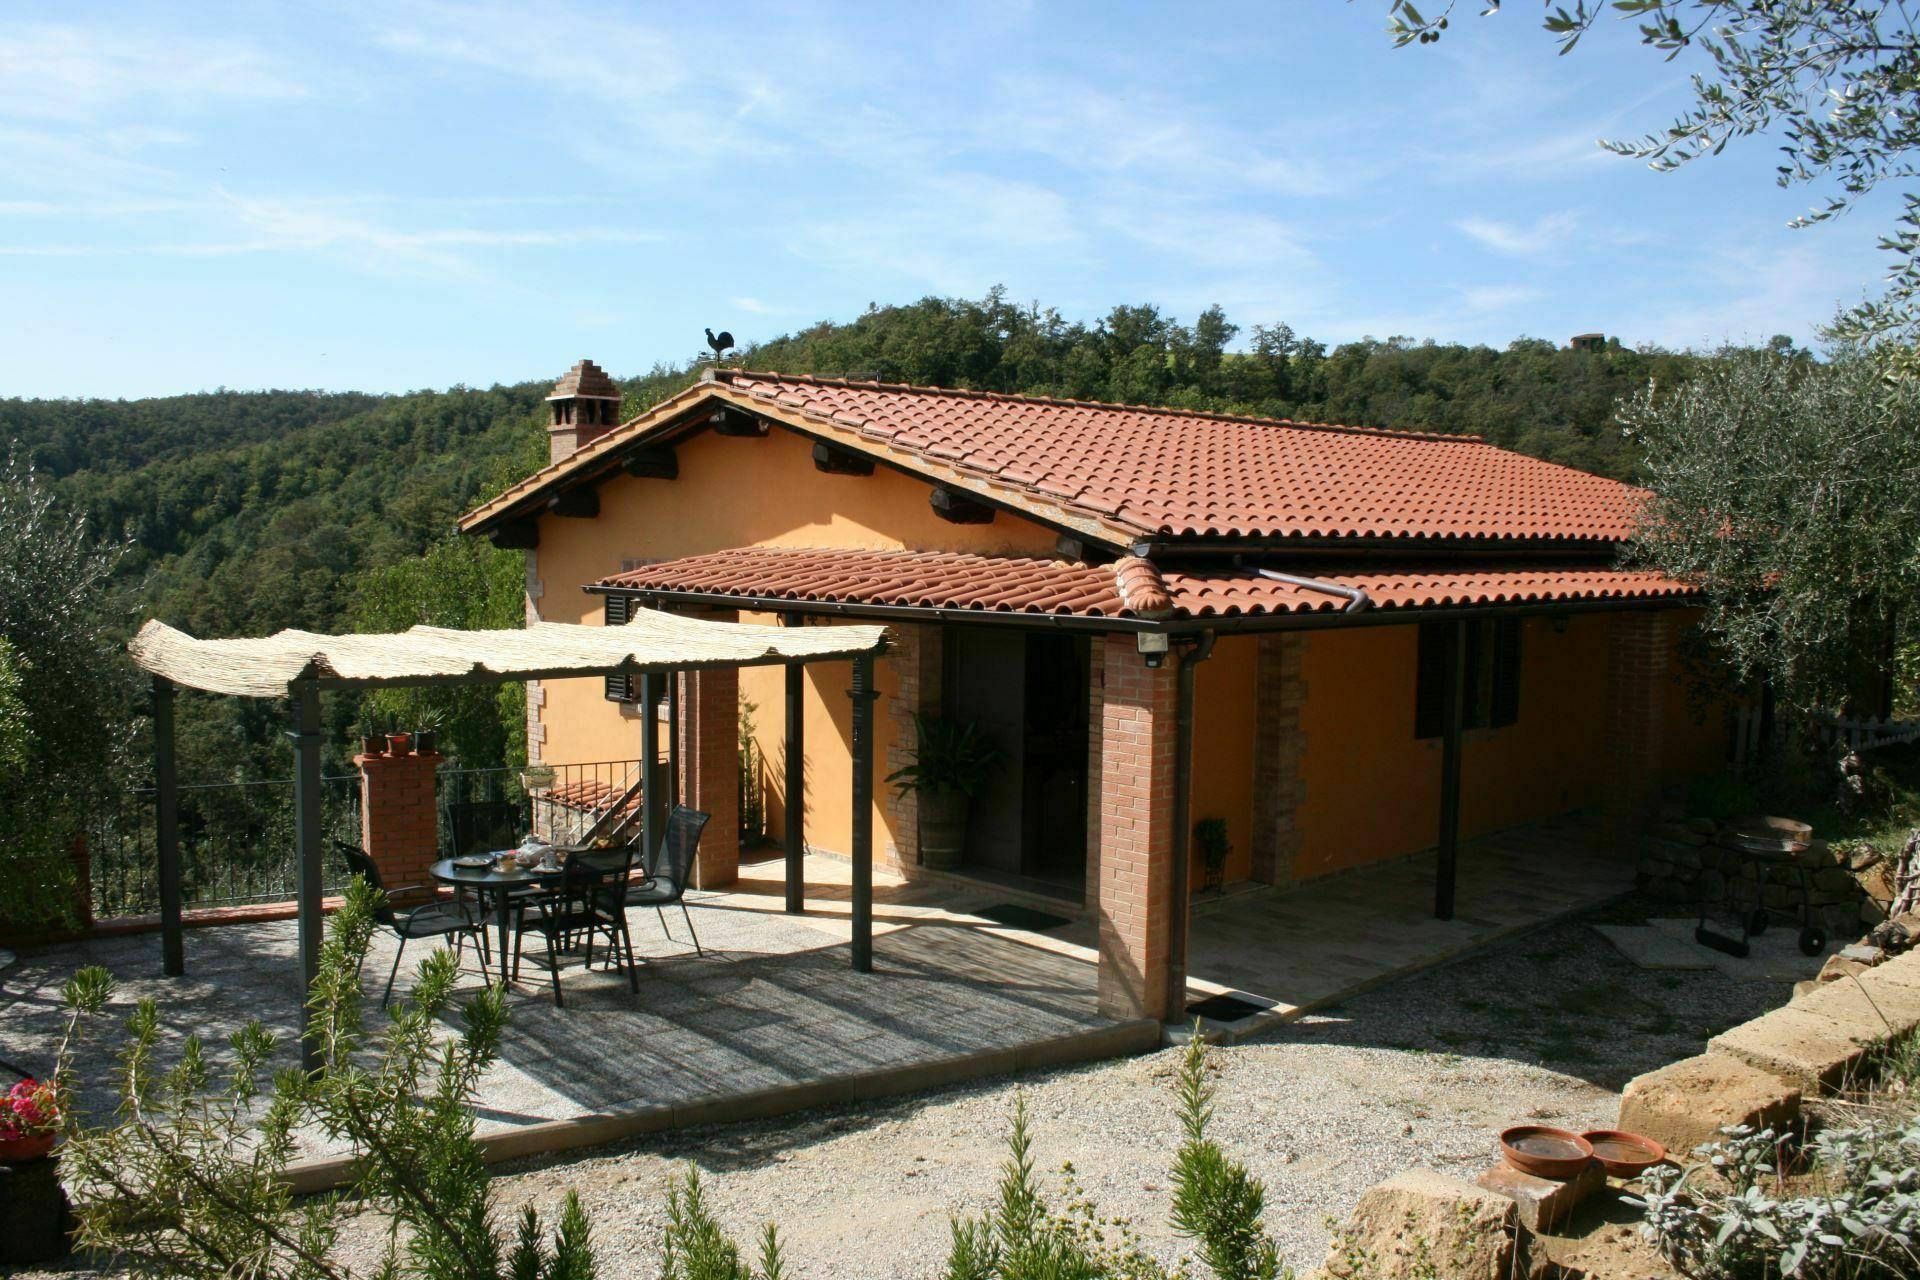 Il casellino casa vacanze con 4 posti letto in 2 camere for Branson cabin rentals 4 camere da letto